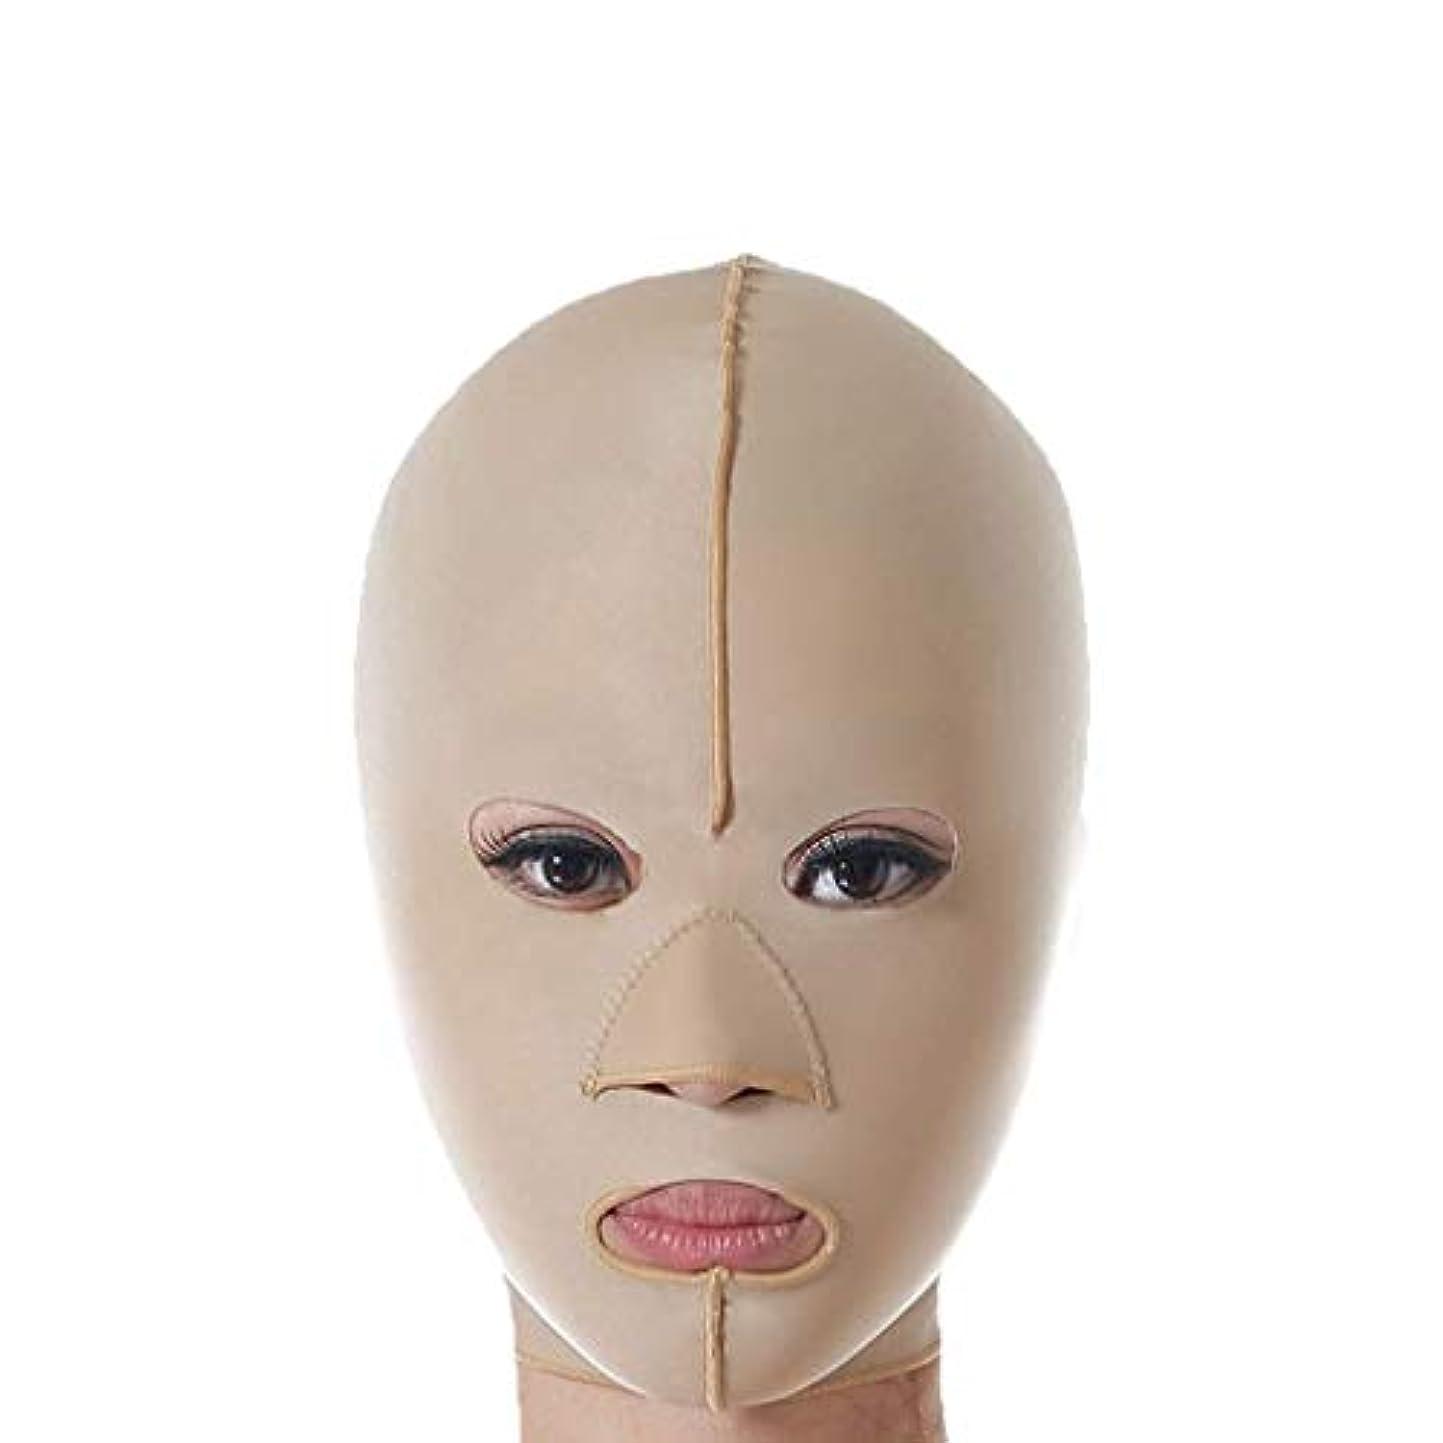 備品増幅する郵便番号減量フェイスマスク、リフティング包帯、スリムフェイスリフトリフティングベルト、フェイシャル減量リフティング包帯、リフティングファーミング包帯(サイズ:XL),S